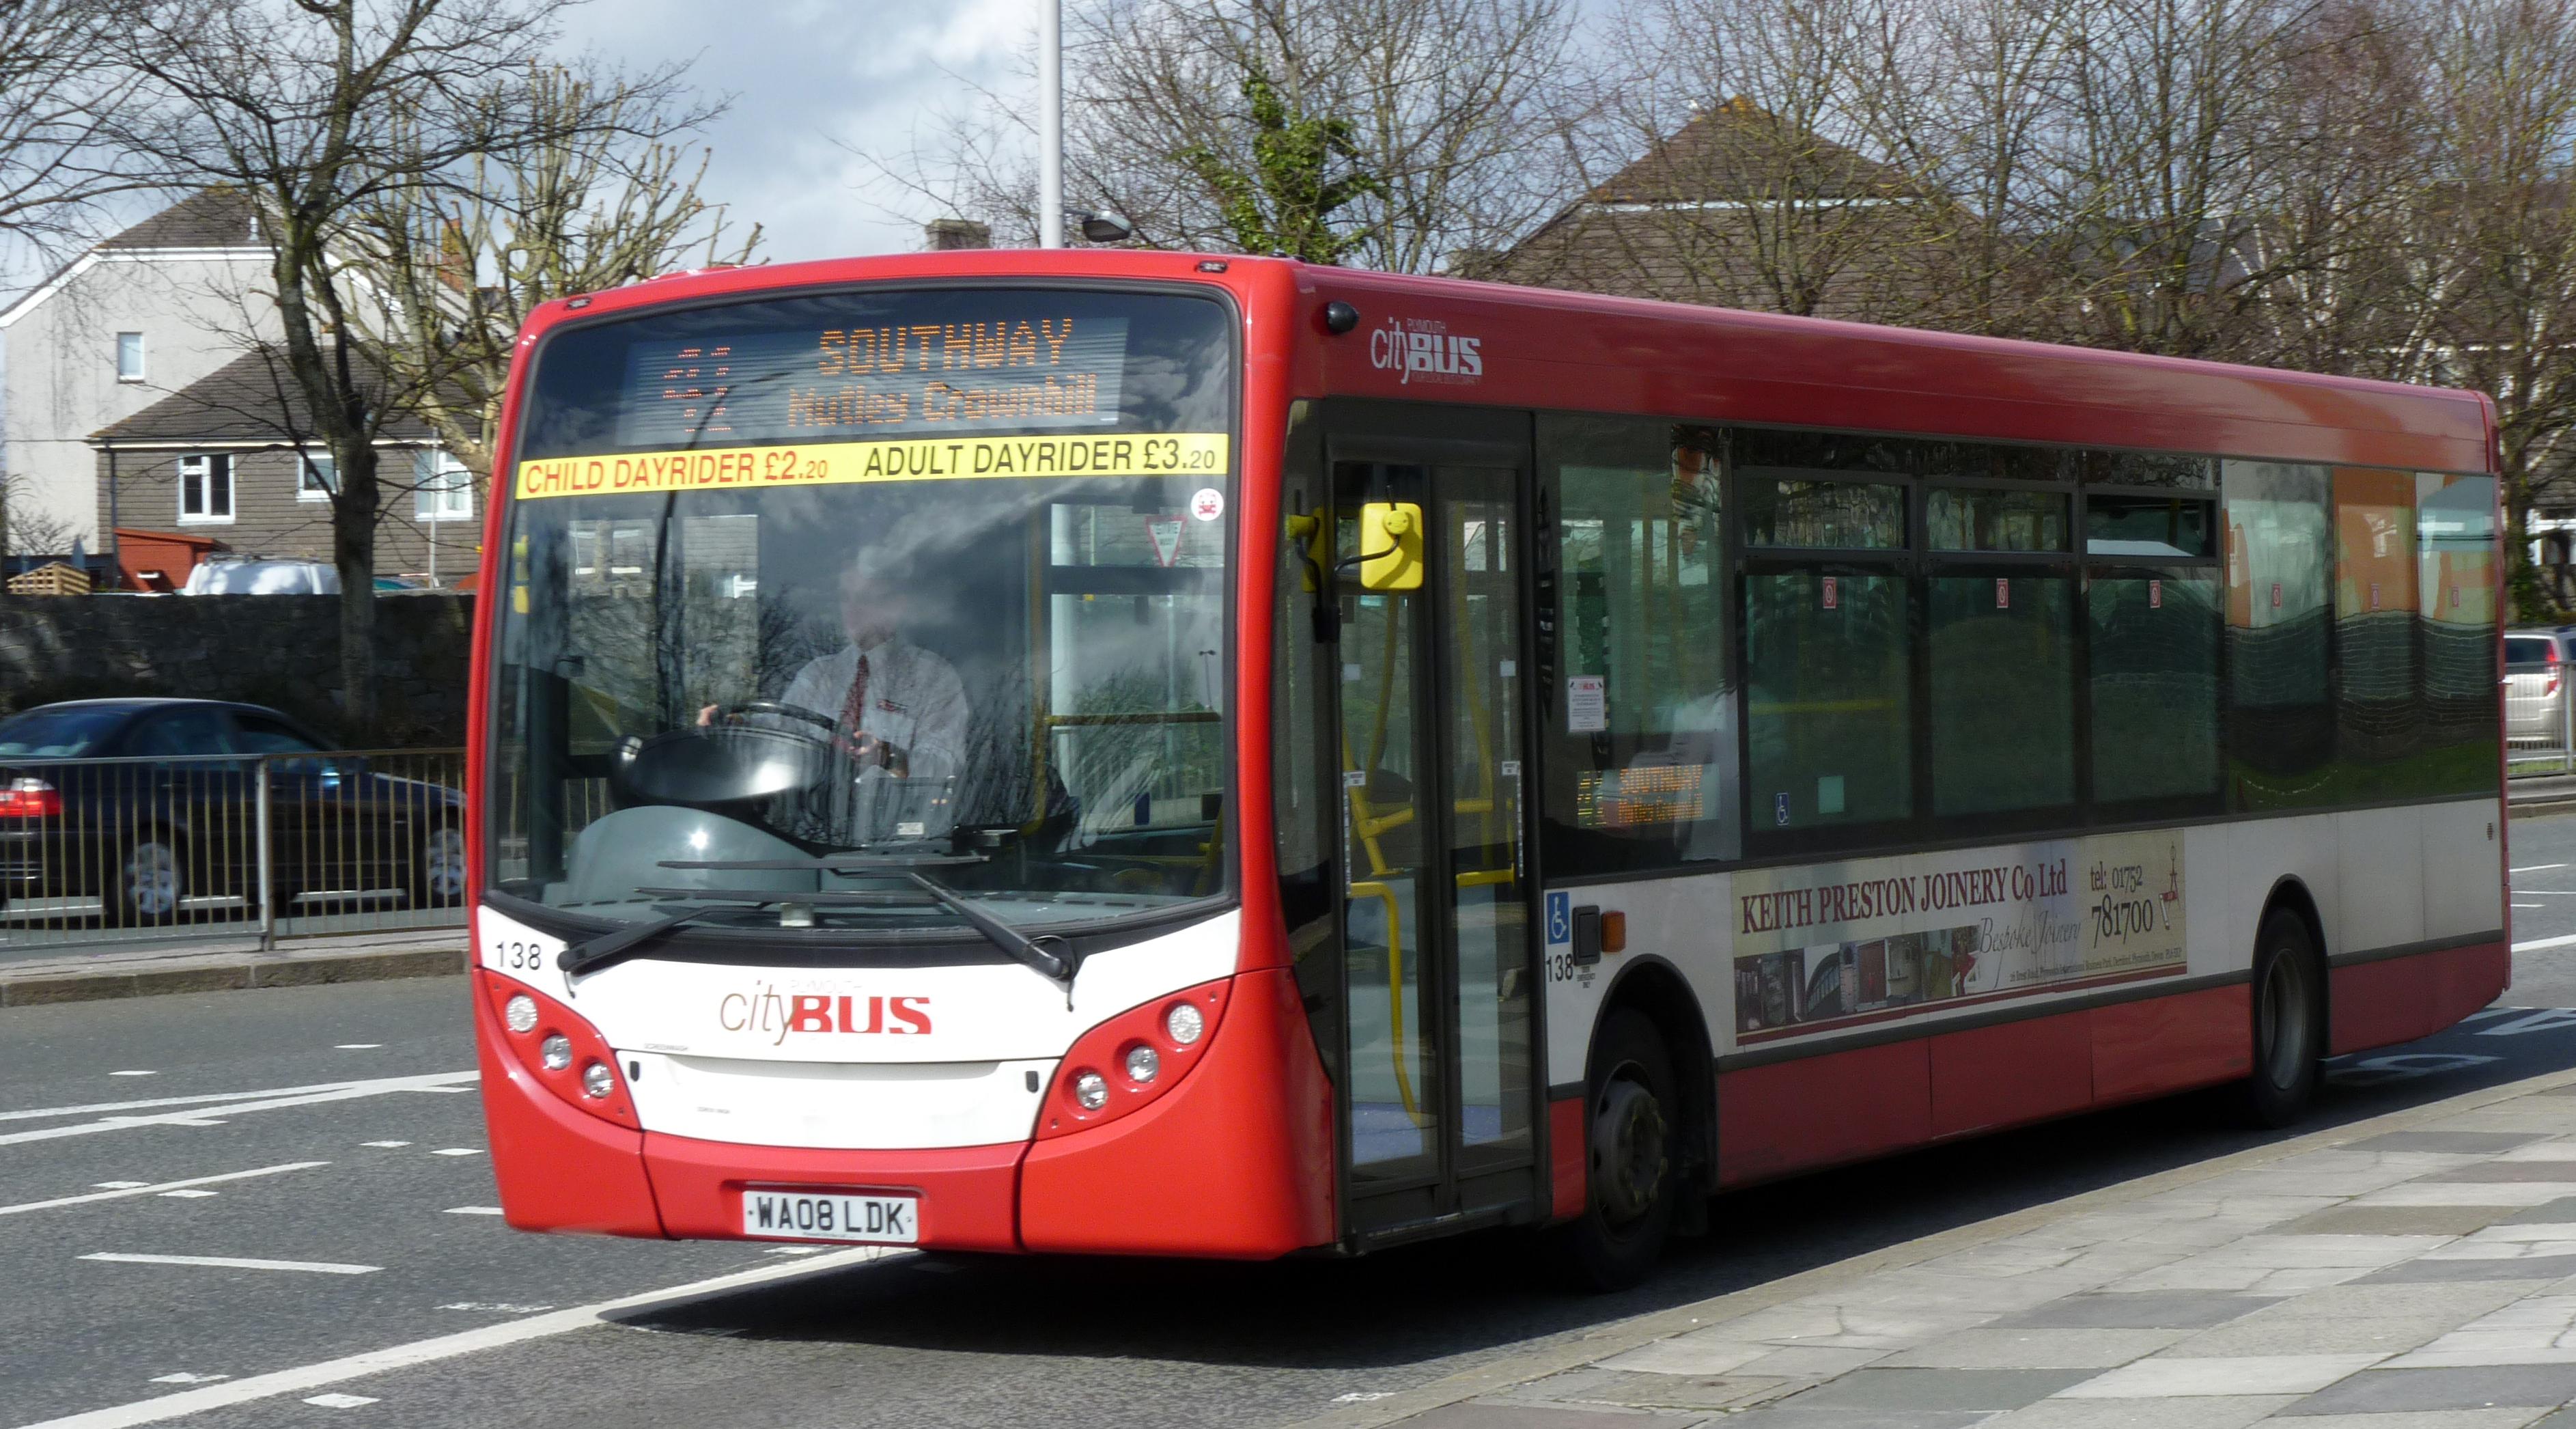 File:Plymouth Citybus 138 WA08LDK (4528711321) jpg - Wikimedia Commons